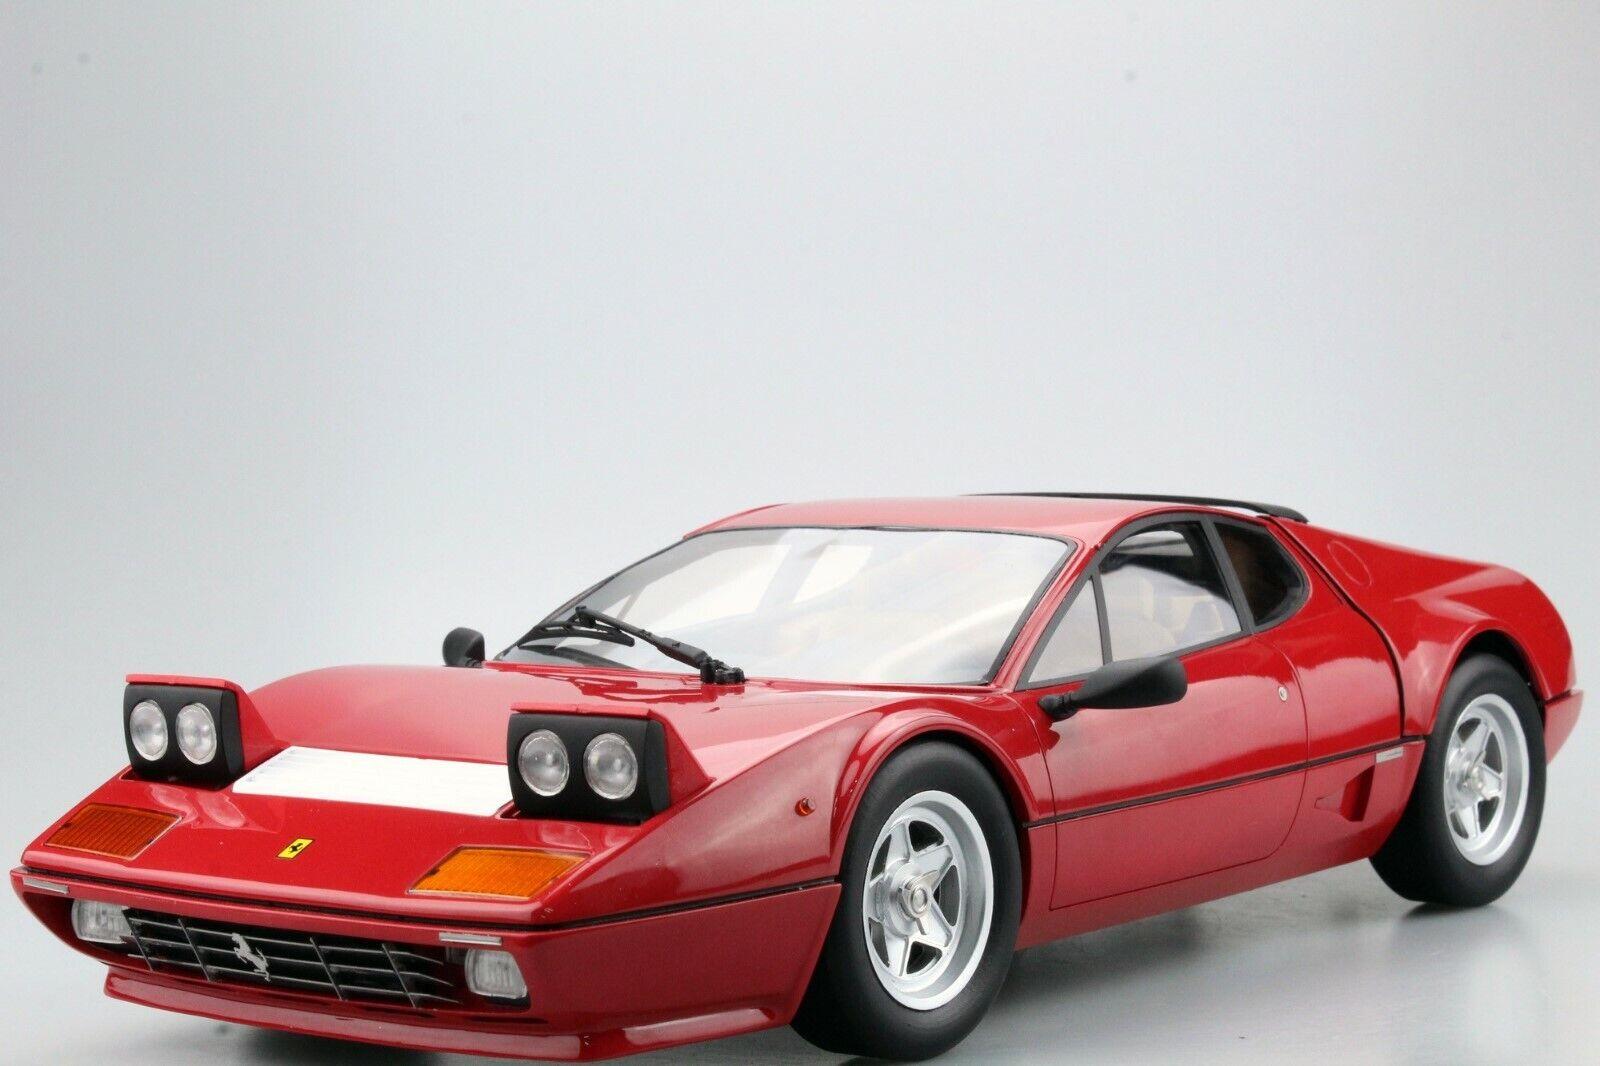 1 12 top marques tm12-09a ferrari 512 BBI rojo Limited Edition